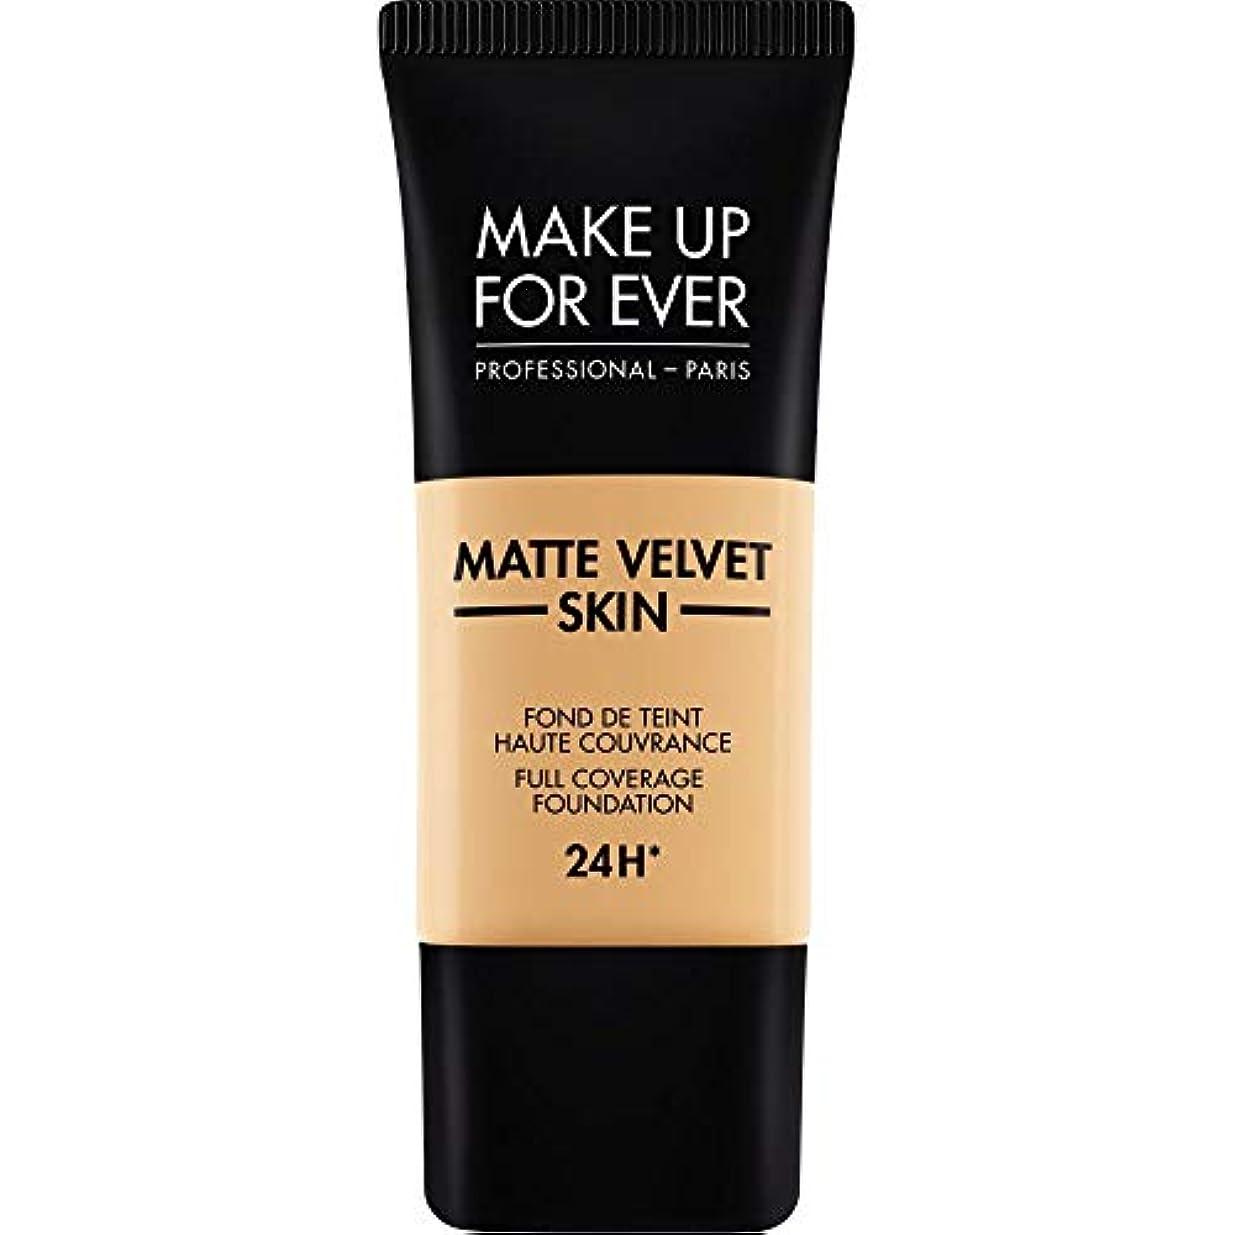 到着する息子決済[MAKE UP FOR EVER ] ナチュラルベージュ - これまでマットベルベットの皮膚のフルカバレッジ基礎30ミリリットルのY345を補います - MAKE UP FOR EVER Matte Velvet Skin Full Coverage Foundation 30ml Y345 - Natural Beige [並行輸入品]